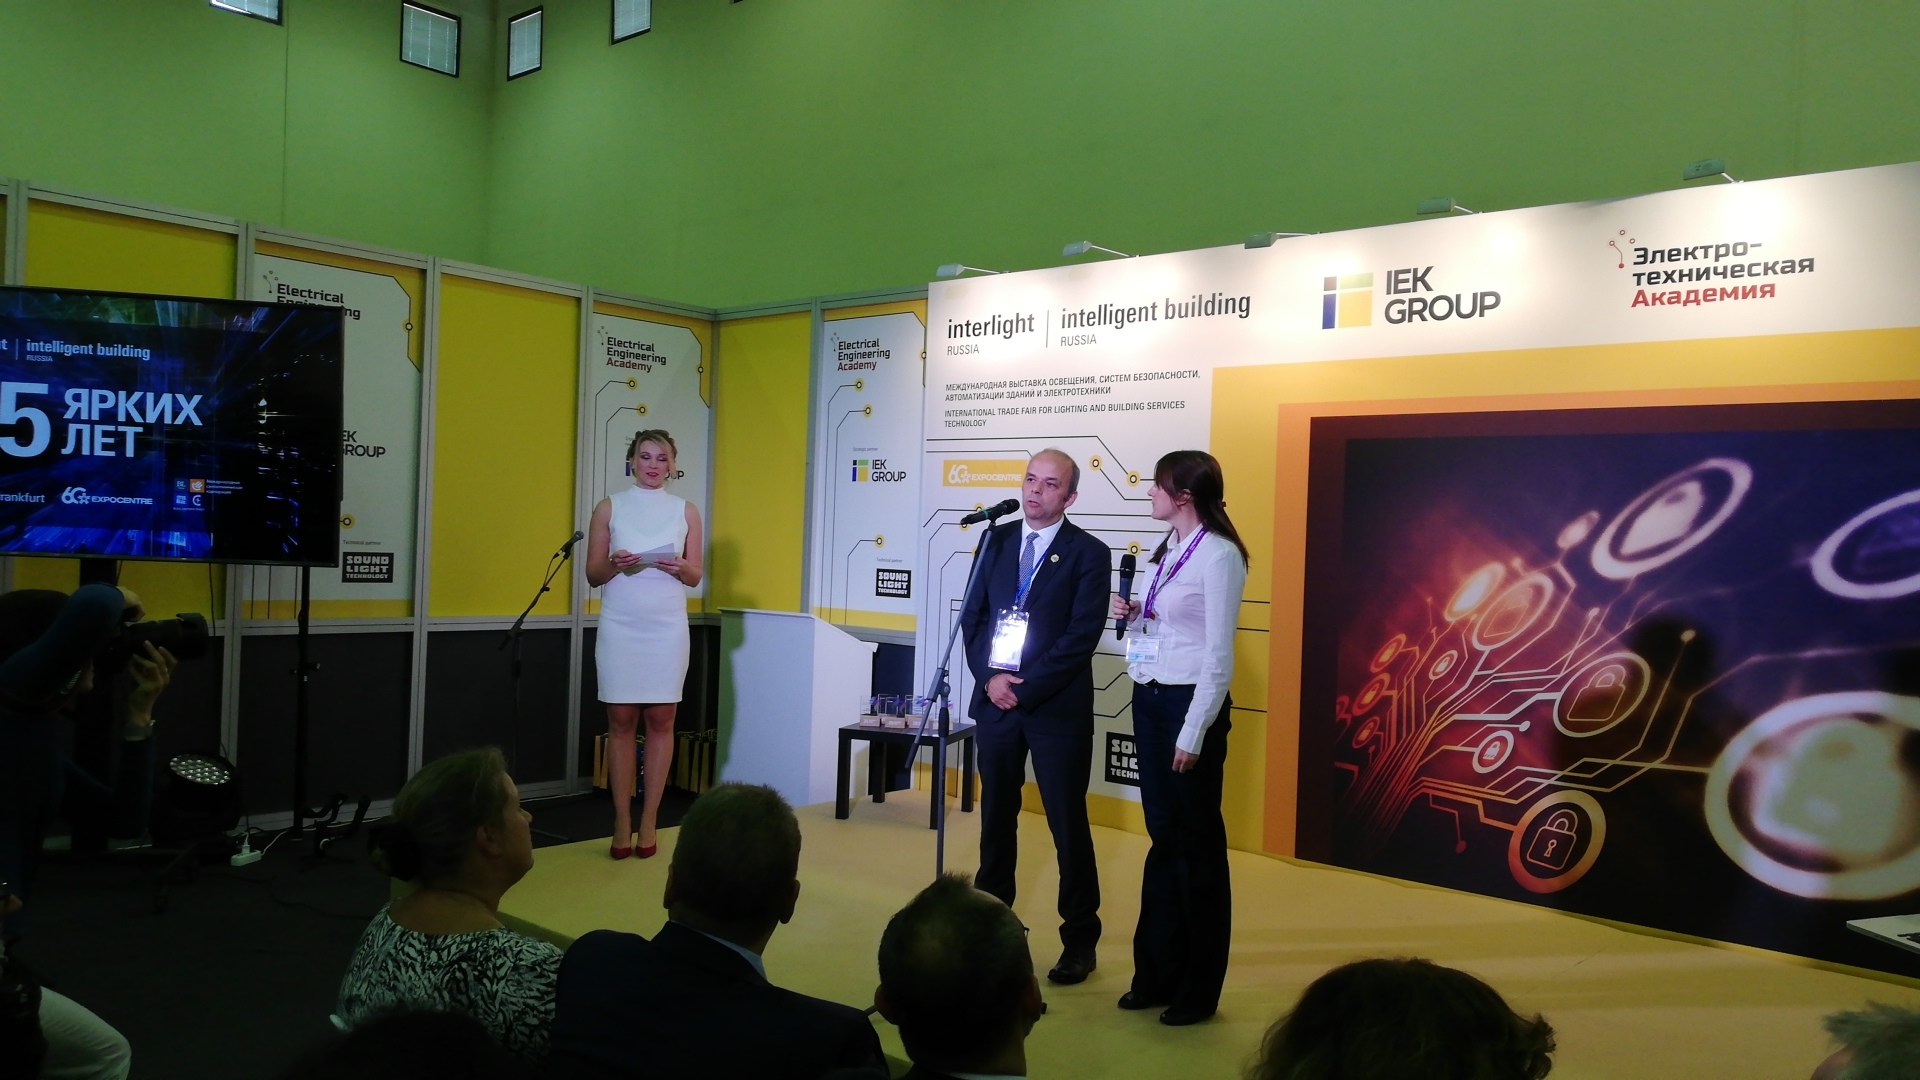 президент международной комиссии по освещению Питер Блатнер